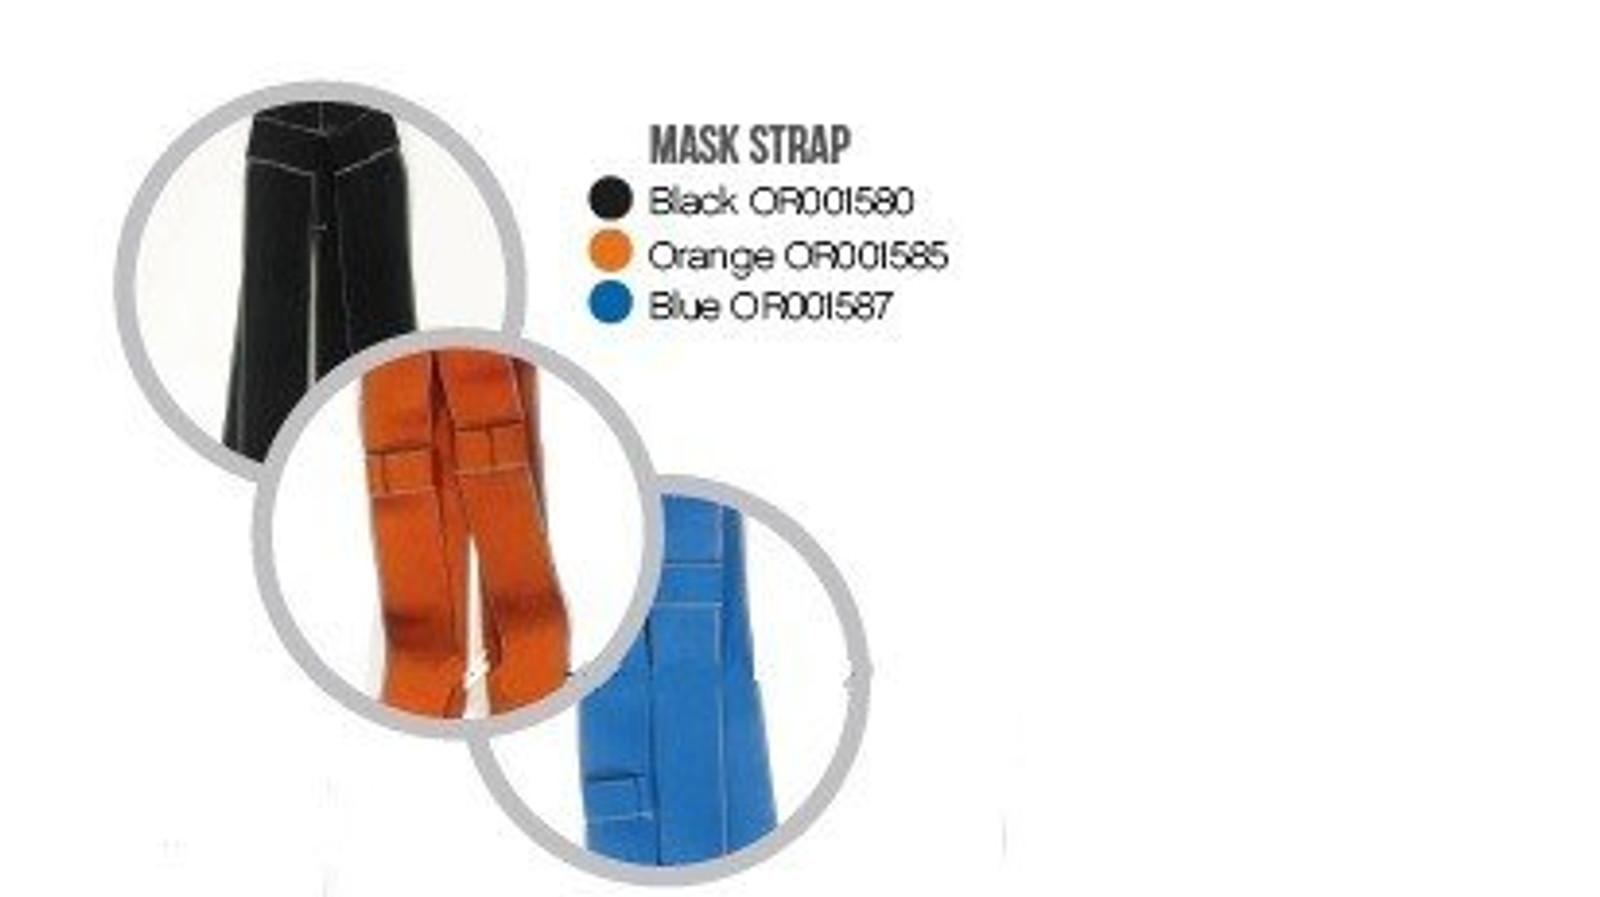 NEW ARIA Masks Straps